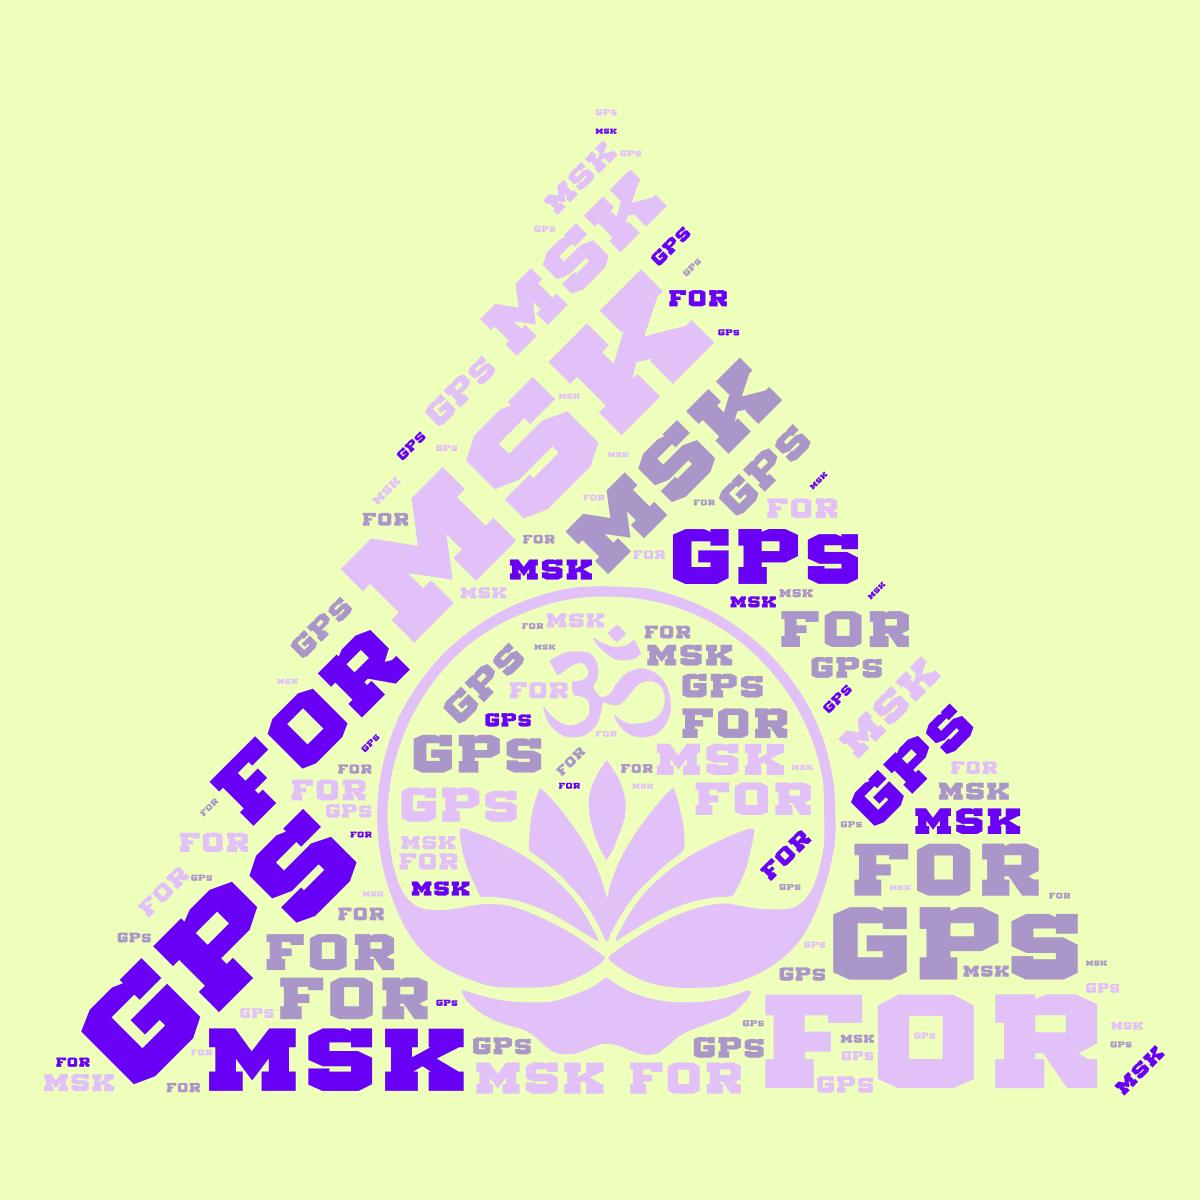 MSK for GPs